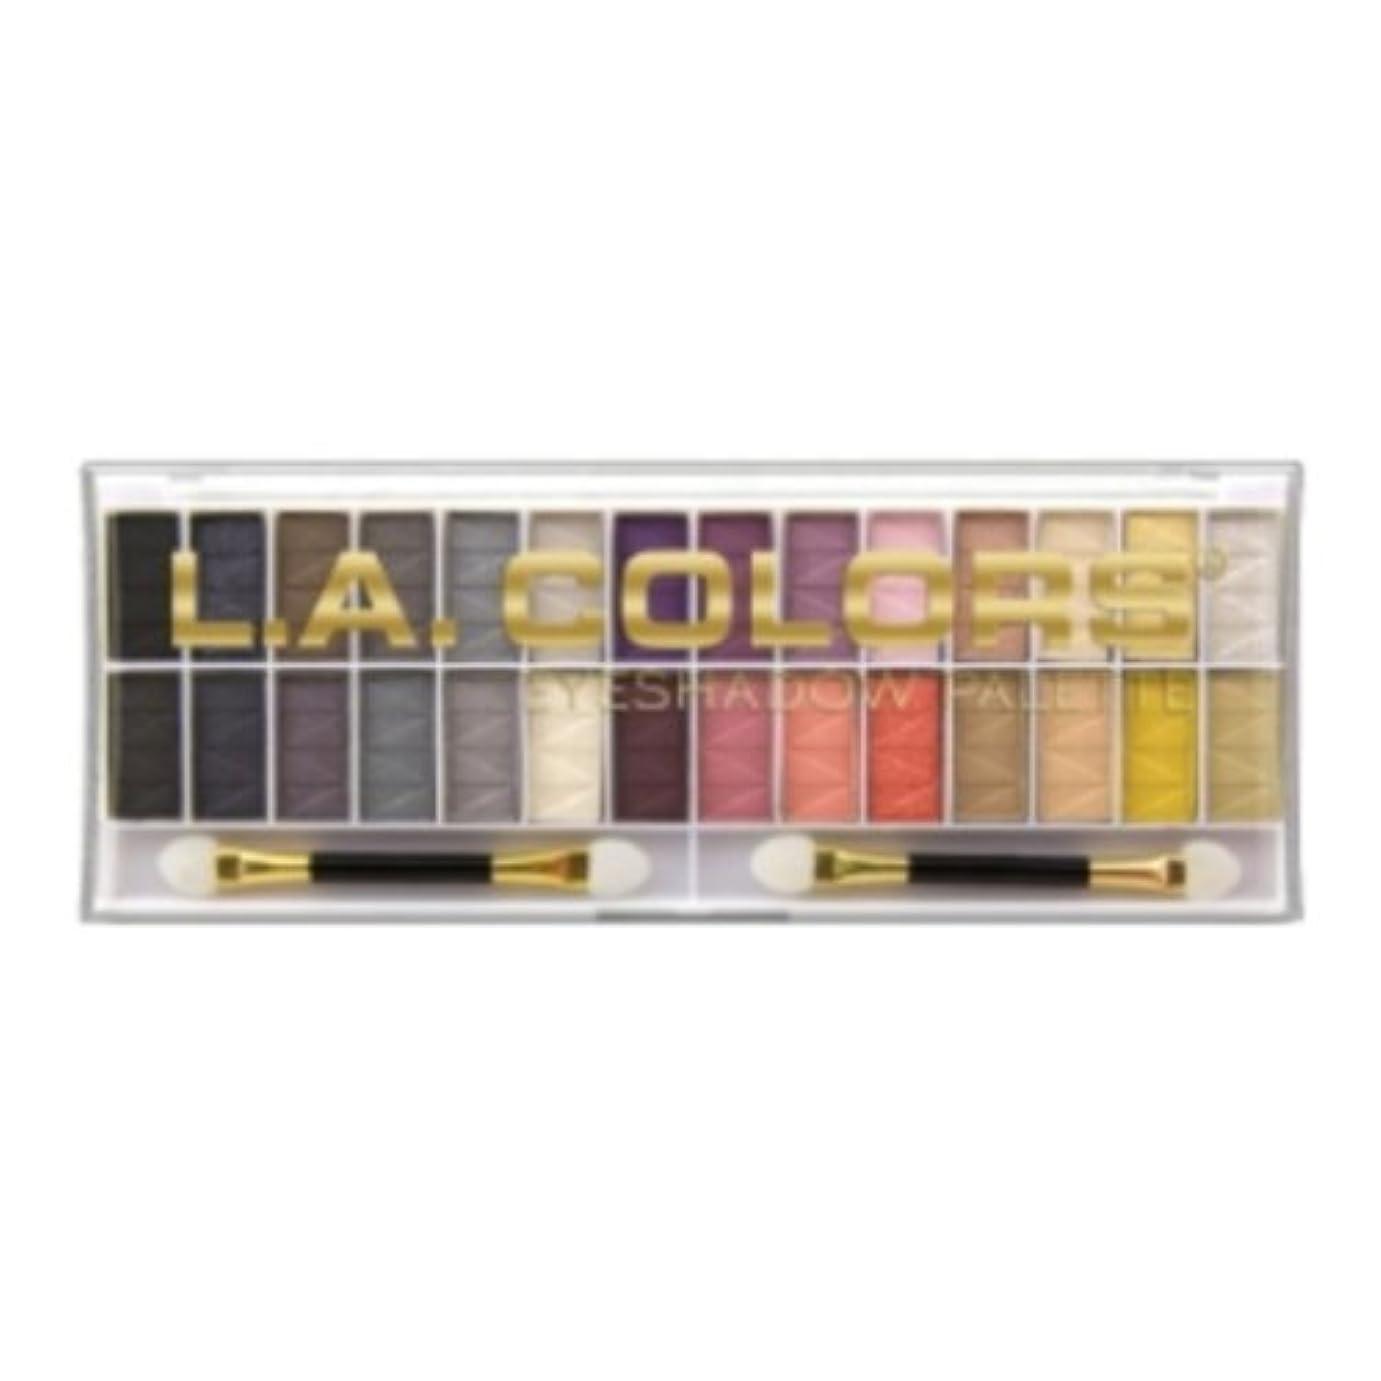 受け継ぐ言及する上下するL.A. COLORS 28 Color Eyeshadow Palette - Malibu (並行輸入品)